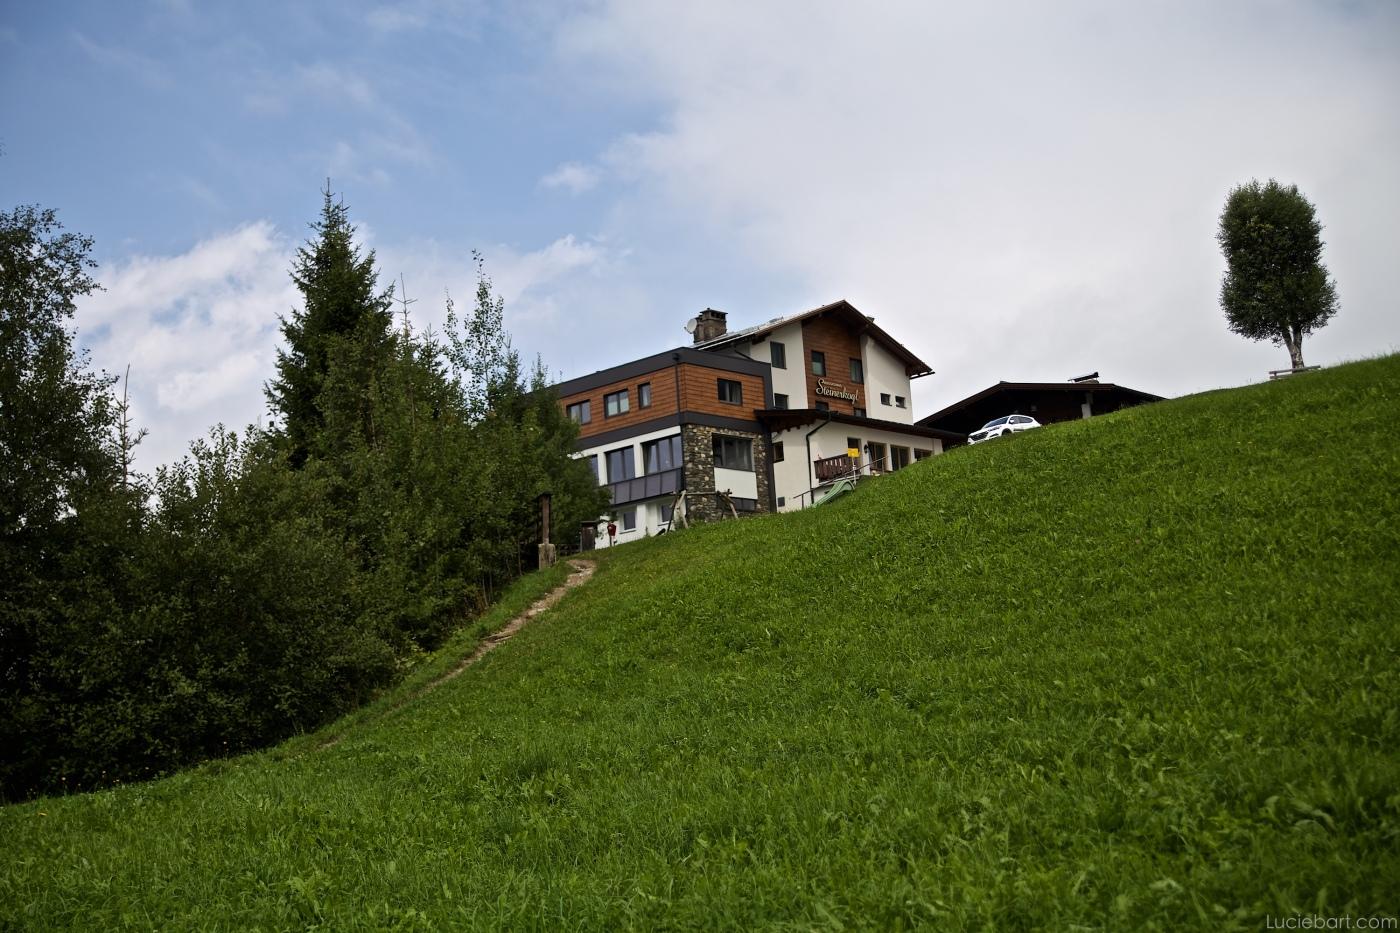 Steinerkogl